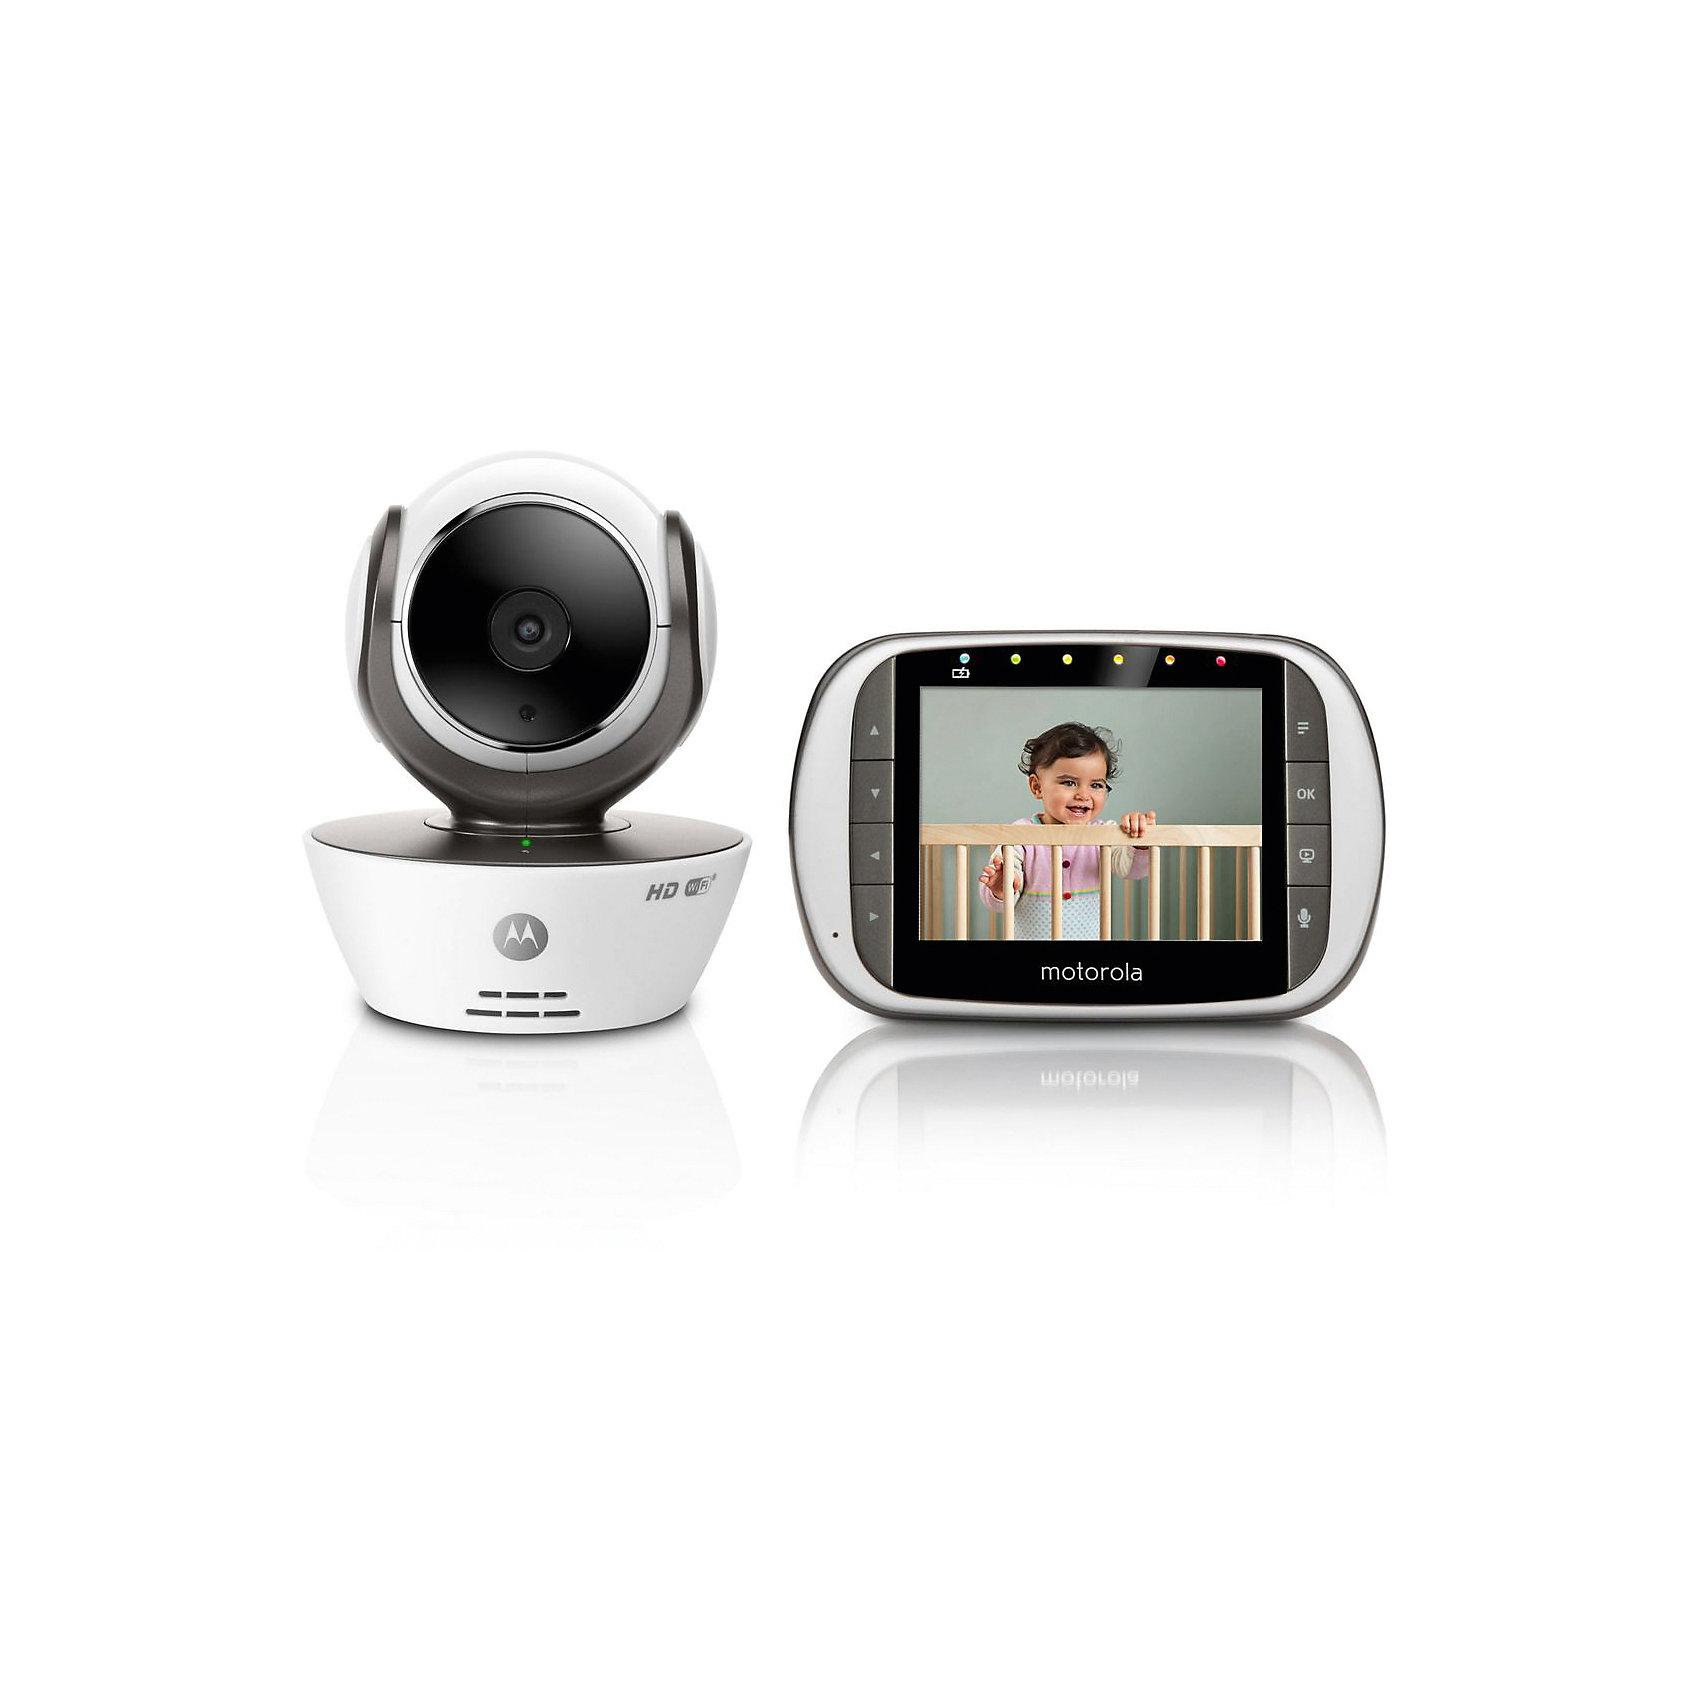 """Видеоняня Wi-Fi камера MBP853CONNECT Motorola, белыйВидеоняня Motorola MBP853 Connect  - прекрасный вариант для малышей и их родителей! Удаленный доступ к камере через интернет позволяет смотреть потоковое видео в формате HD 720p в режиме реального времени. Имеется два режима передачи данных: по стандарту FHSS 2,4GHz или по сети WiFi, также есть  возможность подключения к ТВ или к монитору. Видеоняня имеет встроенный Wifi, обладает мощной инфракрасной ночной подсветкой, обеспечивающей отличную видимость на расстоянии  до 5 метров в полной темноте, есть датчик комнатной температуры. Есть функция оповещения при обнаружении движения, дистанционное масштабирование, изменение положения и угла камеры.<br><br>Дополнительная информация:<br><br>- Материал: пластик, металл.<br>- Работает от сети или батареек (аккумуляторов).<br>- Комплектация: приемное устройство с экраном; беспроводная видеокамера; адаптеры питания для видеокамеры и передающего устройства от сети 220В;<br>аккумуляторная батарея Ni-MH приемника видеоняни.<br>руководство пользователя на русском языке.<br>- Подключение до 4 независимых камер с возможностью их одновременного просмотра.<br>- Радиус действия: 300м.<br>- Угол обзора камеры: 65°<br>- Ночной режим.<br>- 8 уровней громкости и яркости.<br>- Функция снимок изображения/запись видео.<br>- Функция оповещения при обнаружении движения.<br>- Датчик комнатной температуры и система оповещения.<br>- Стандарт сжатия видео H.264.<br>- Сжатие изображения - MJPEG;<br>- Цветной LCD дисплей, диагональ 3.5"""".<br>- Разрешение экрана 320 x 240 QVGA.<br>- Двусторонняя аудио связь.<br>- Работает с помощью бесплатного приложения «Hubble for Motorola Monitors».<br>- Колыбельные мелодии.<br>- Цвет: белый.<br>- Встроенный Wifi.<br>- Дистанционное масштабирование, изменение положения и угла камеры.<br>- Функция «Путешествие во времени» (опция будет доступна за дополнительную плату.)<br><br>Видеоняню, Wi-Fi камеру, MBP853CONNECT Motorola, белую, можно купить в нашем магазине.<br>"""